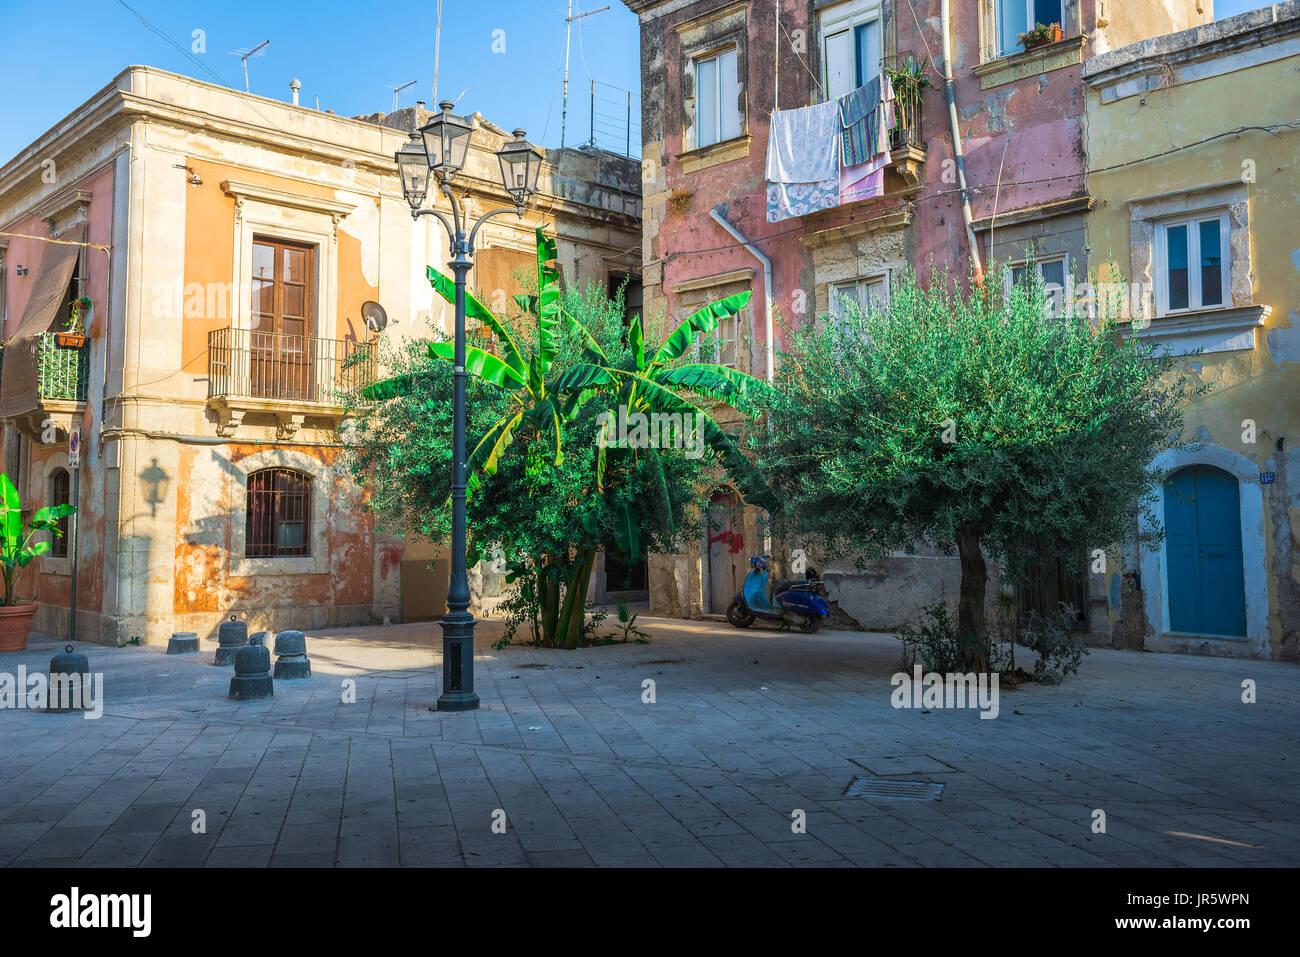 Ortigia Sicilia città vecchia, una piccola piazza racchiuso nella storica città vecchia di Ortigia, Siracusa, Sicilia. Immagini Stock